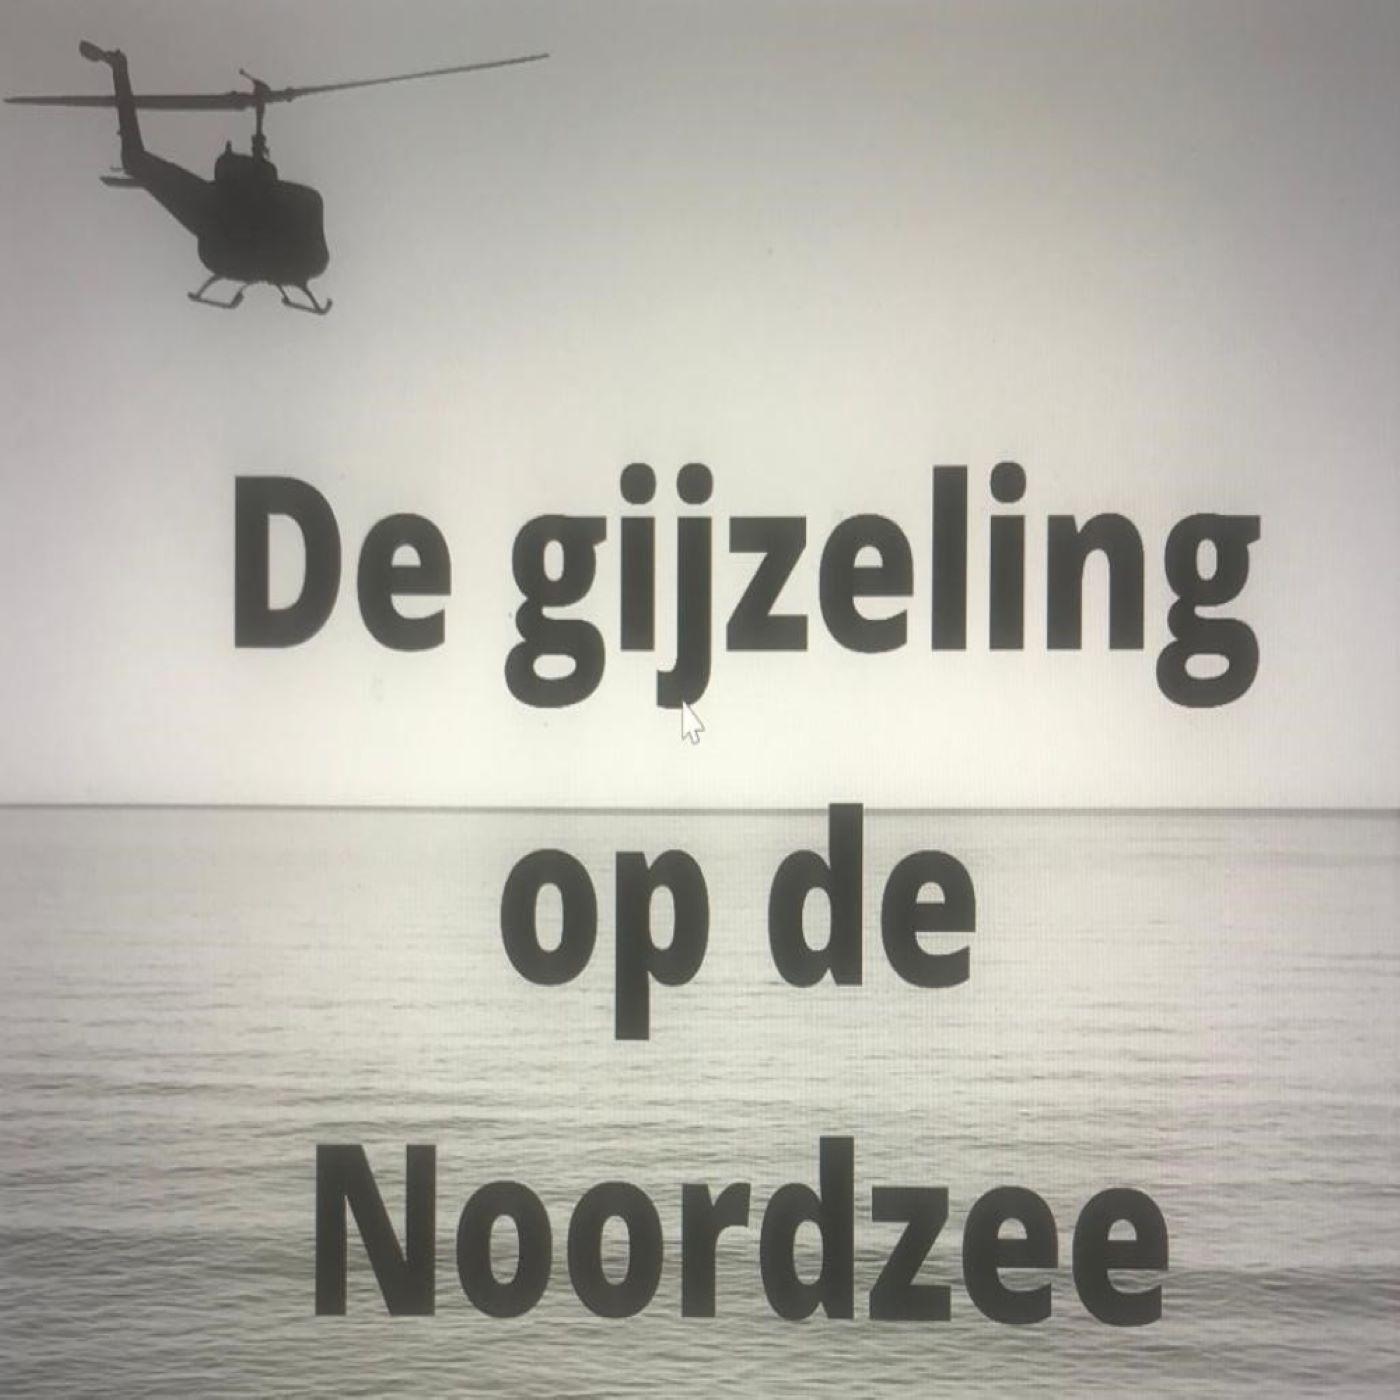 Artwork for podcast De gijzeling op de Noordzee